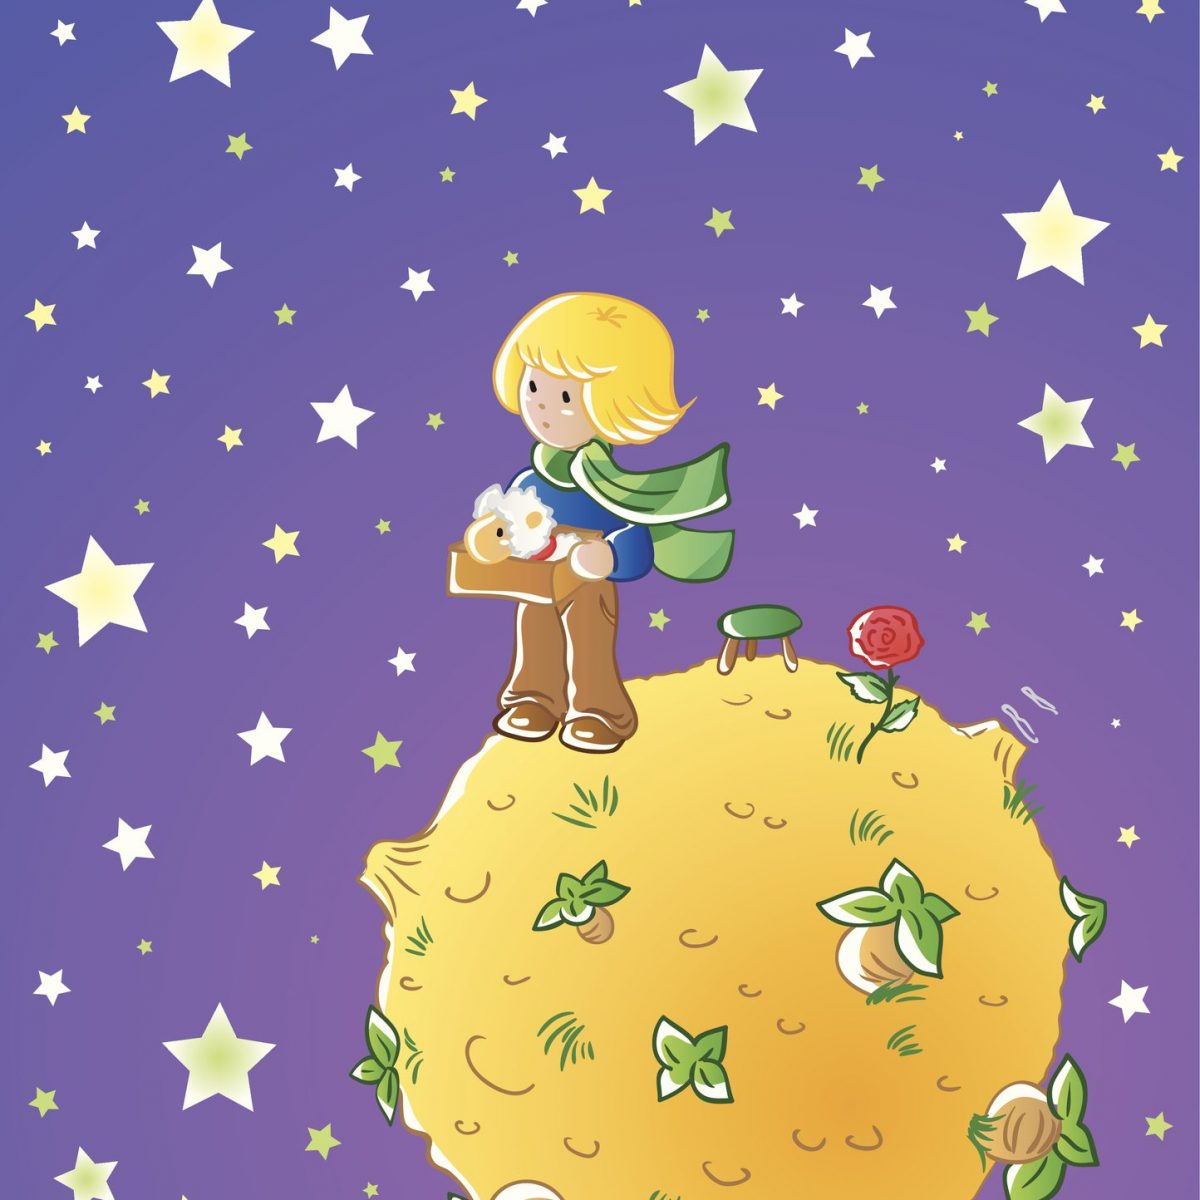 Frasi Sui Bambini Il Piccolo Principe.Il Piccolo Principe 5 Lezioni Di Vita Dal Racconto Di Antoine De Saint Exupery Ohga